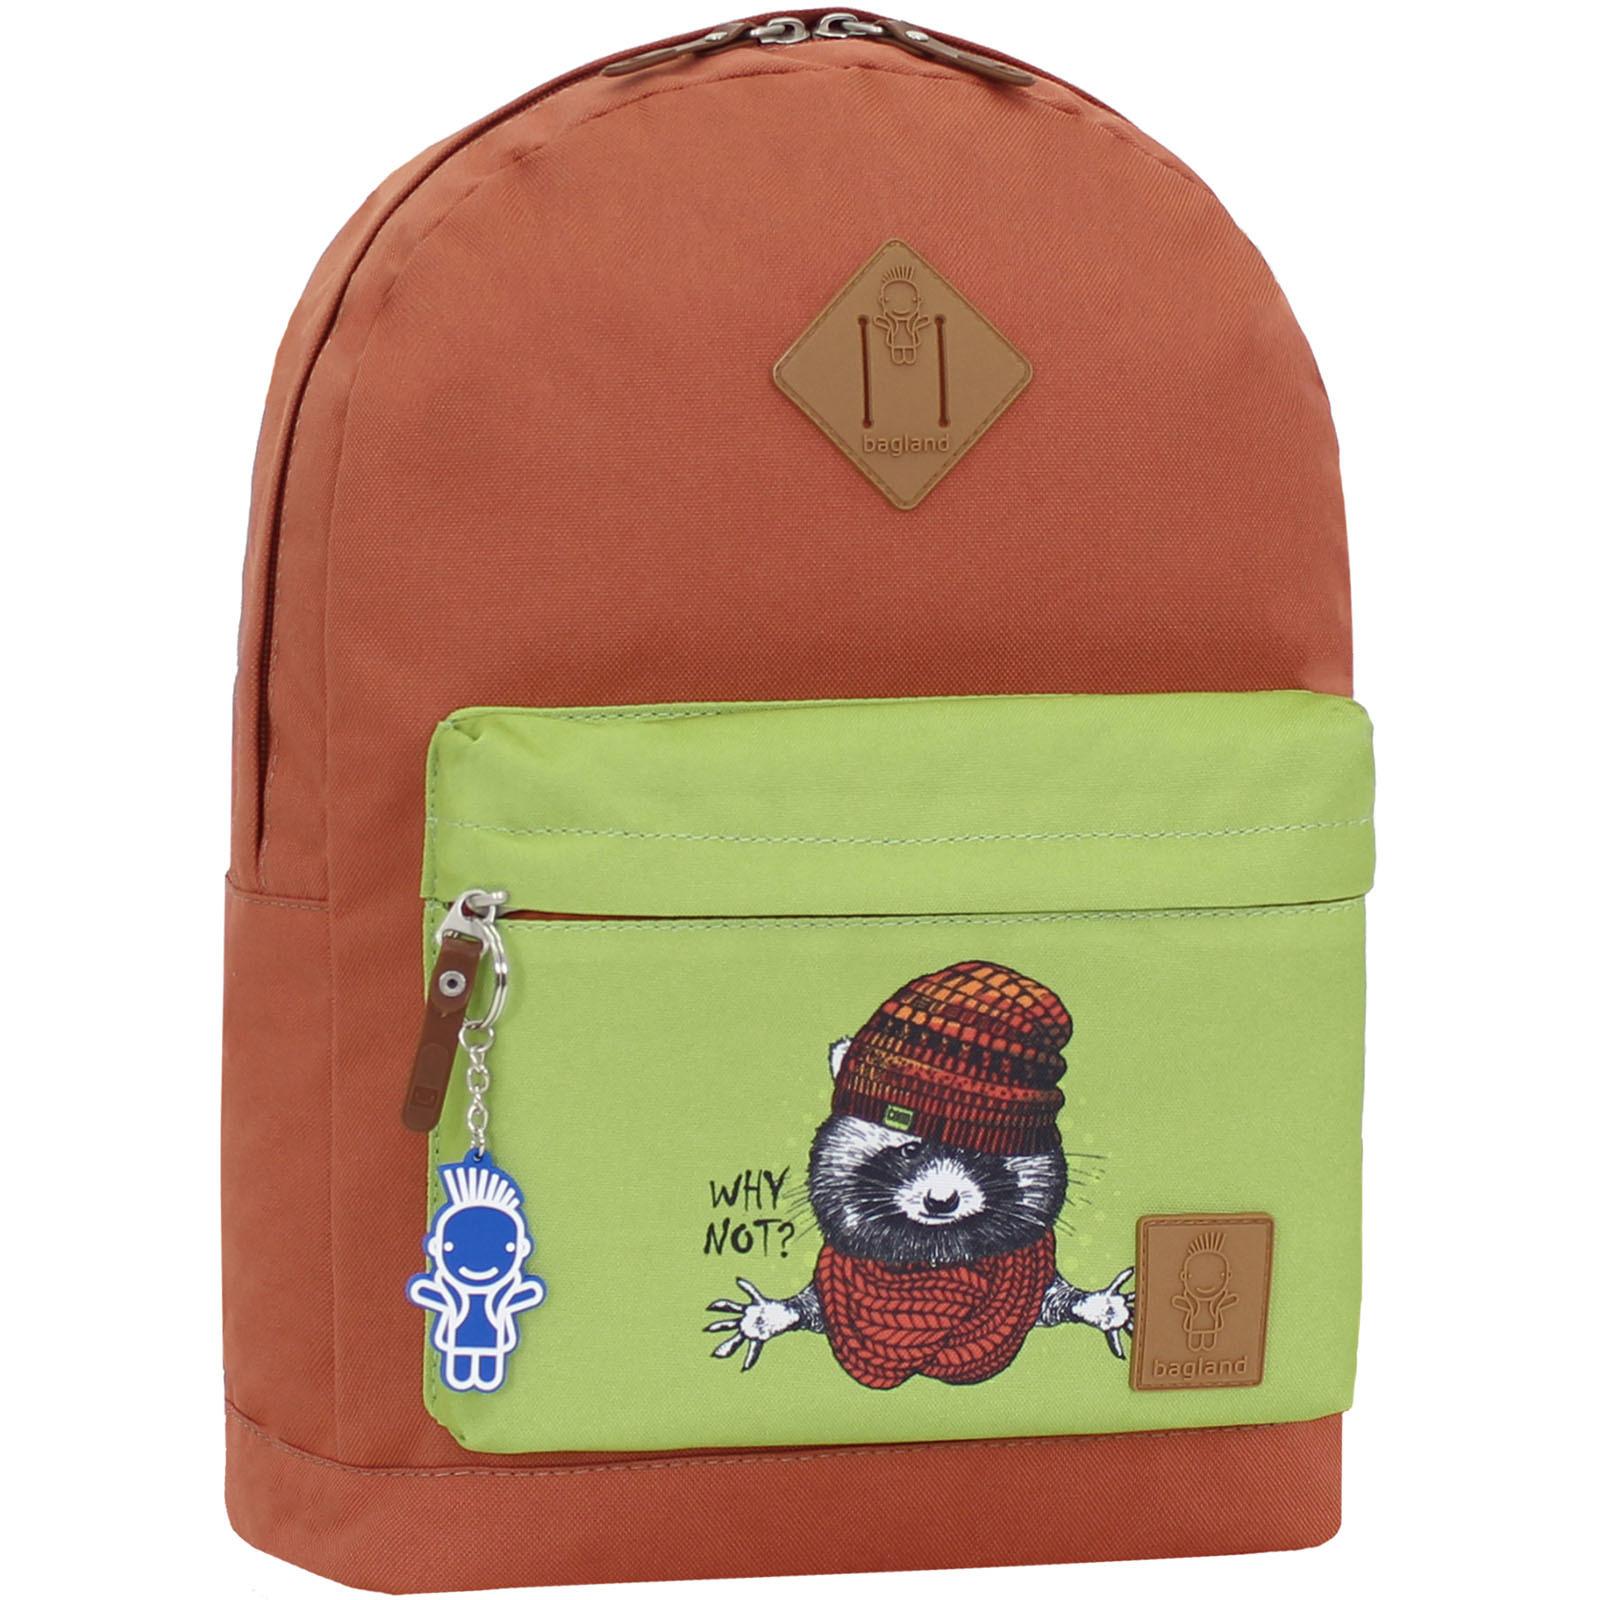 Городские рюкзаки Рюкзак Bagland Молодежный W/R 17 л. кирпич 269к (00533662) IMG_1054_269к.JPG